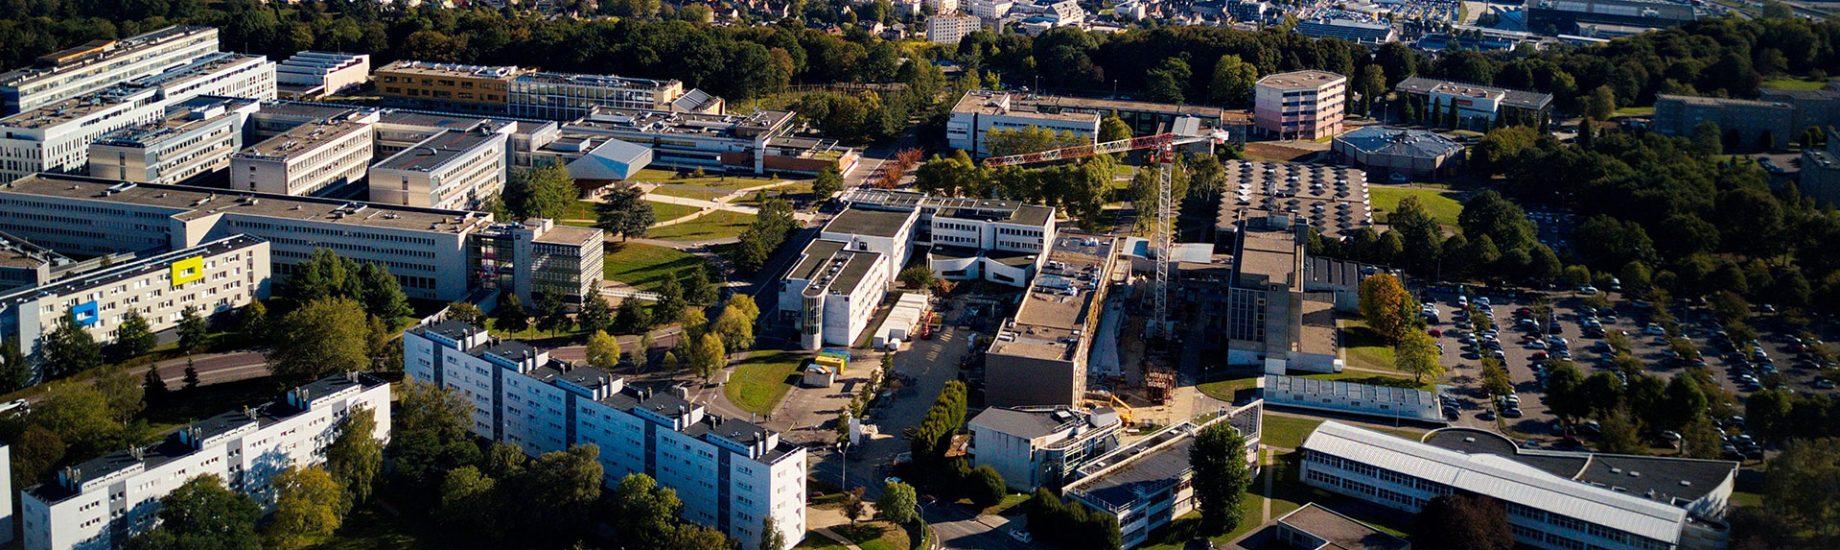 Campus Mont-Saint-Aignan - Vue aérienne